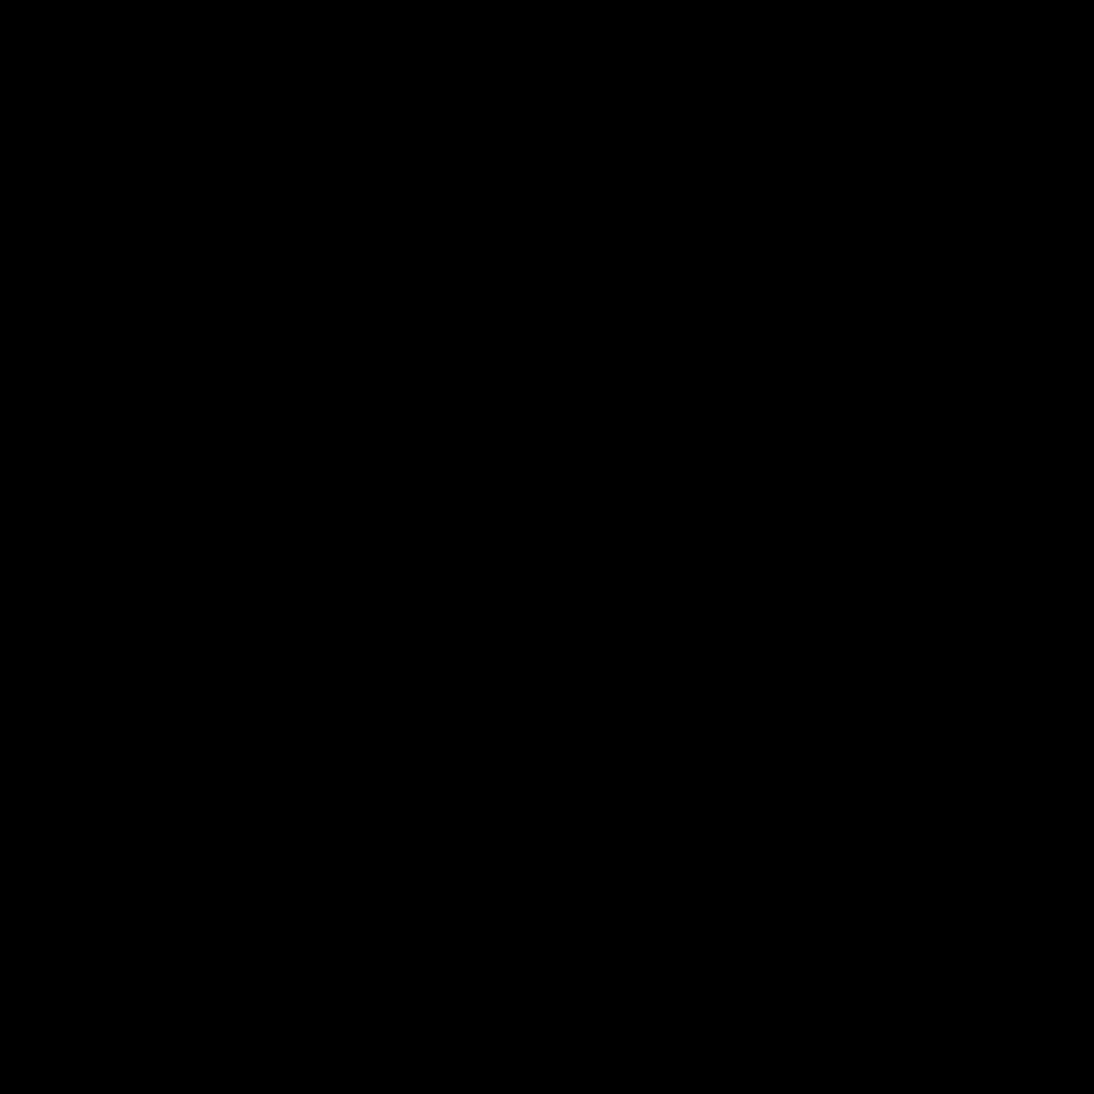 https://www.netzkulturfestival.de/wp-content/uploads/2019/02/nffg_black-2-1.png